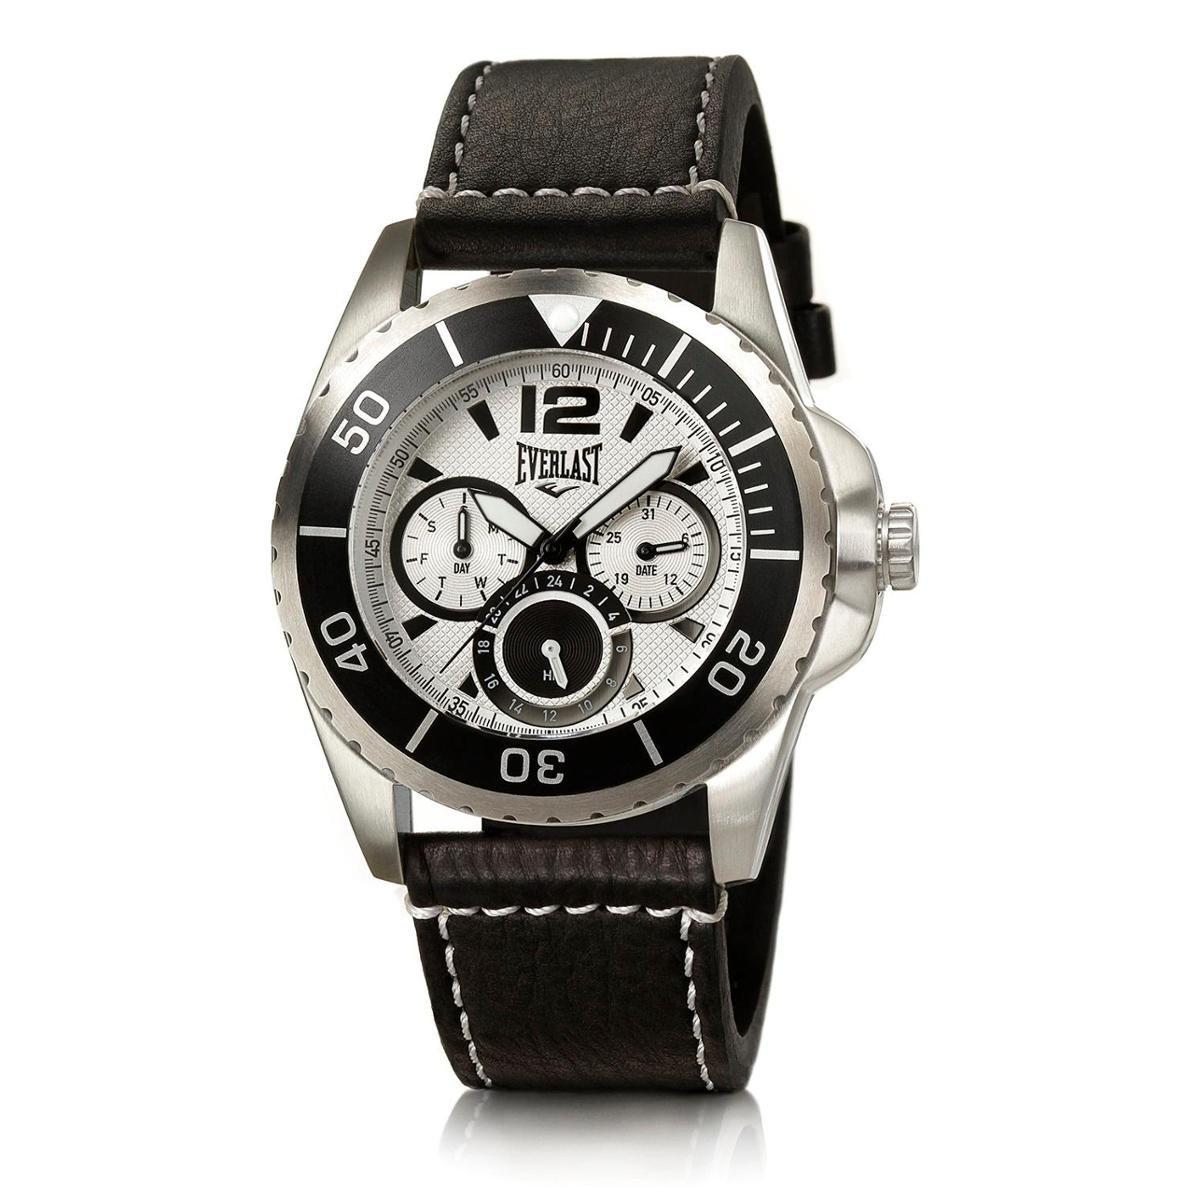 5cd9940b251 Relógio Pulso Masculino Everlast Pulseira Couro Cronógrafo - Preto e Branco  - Compre Agora